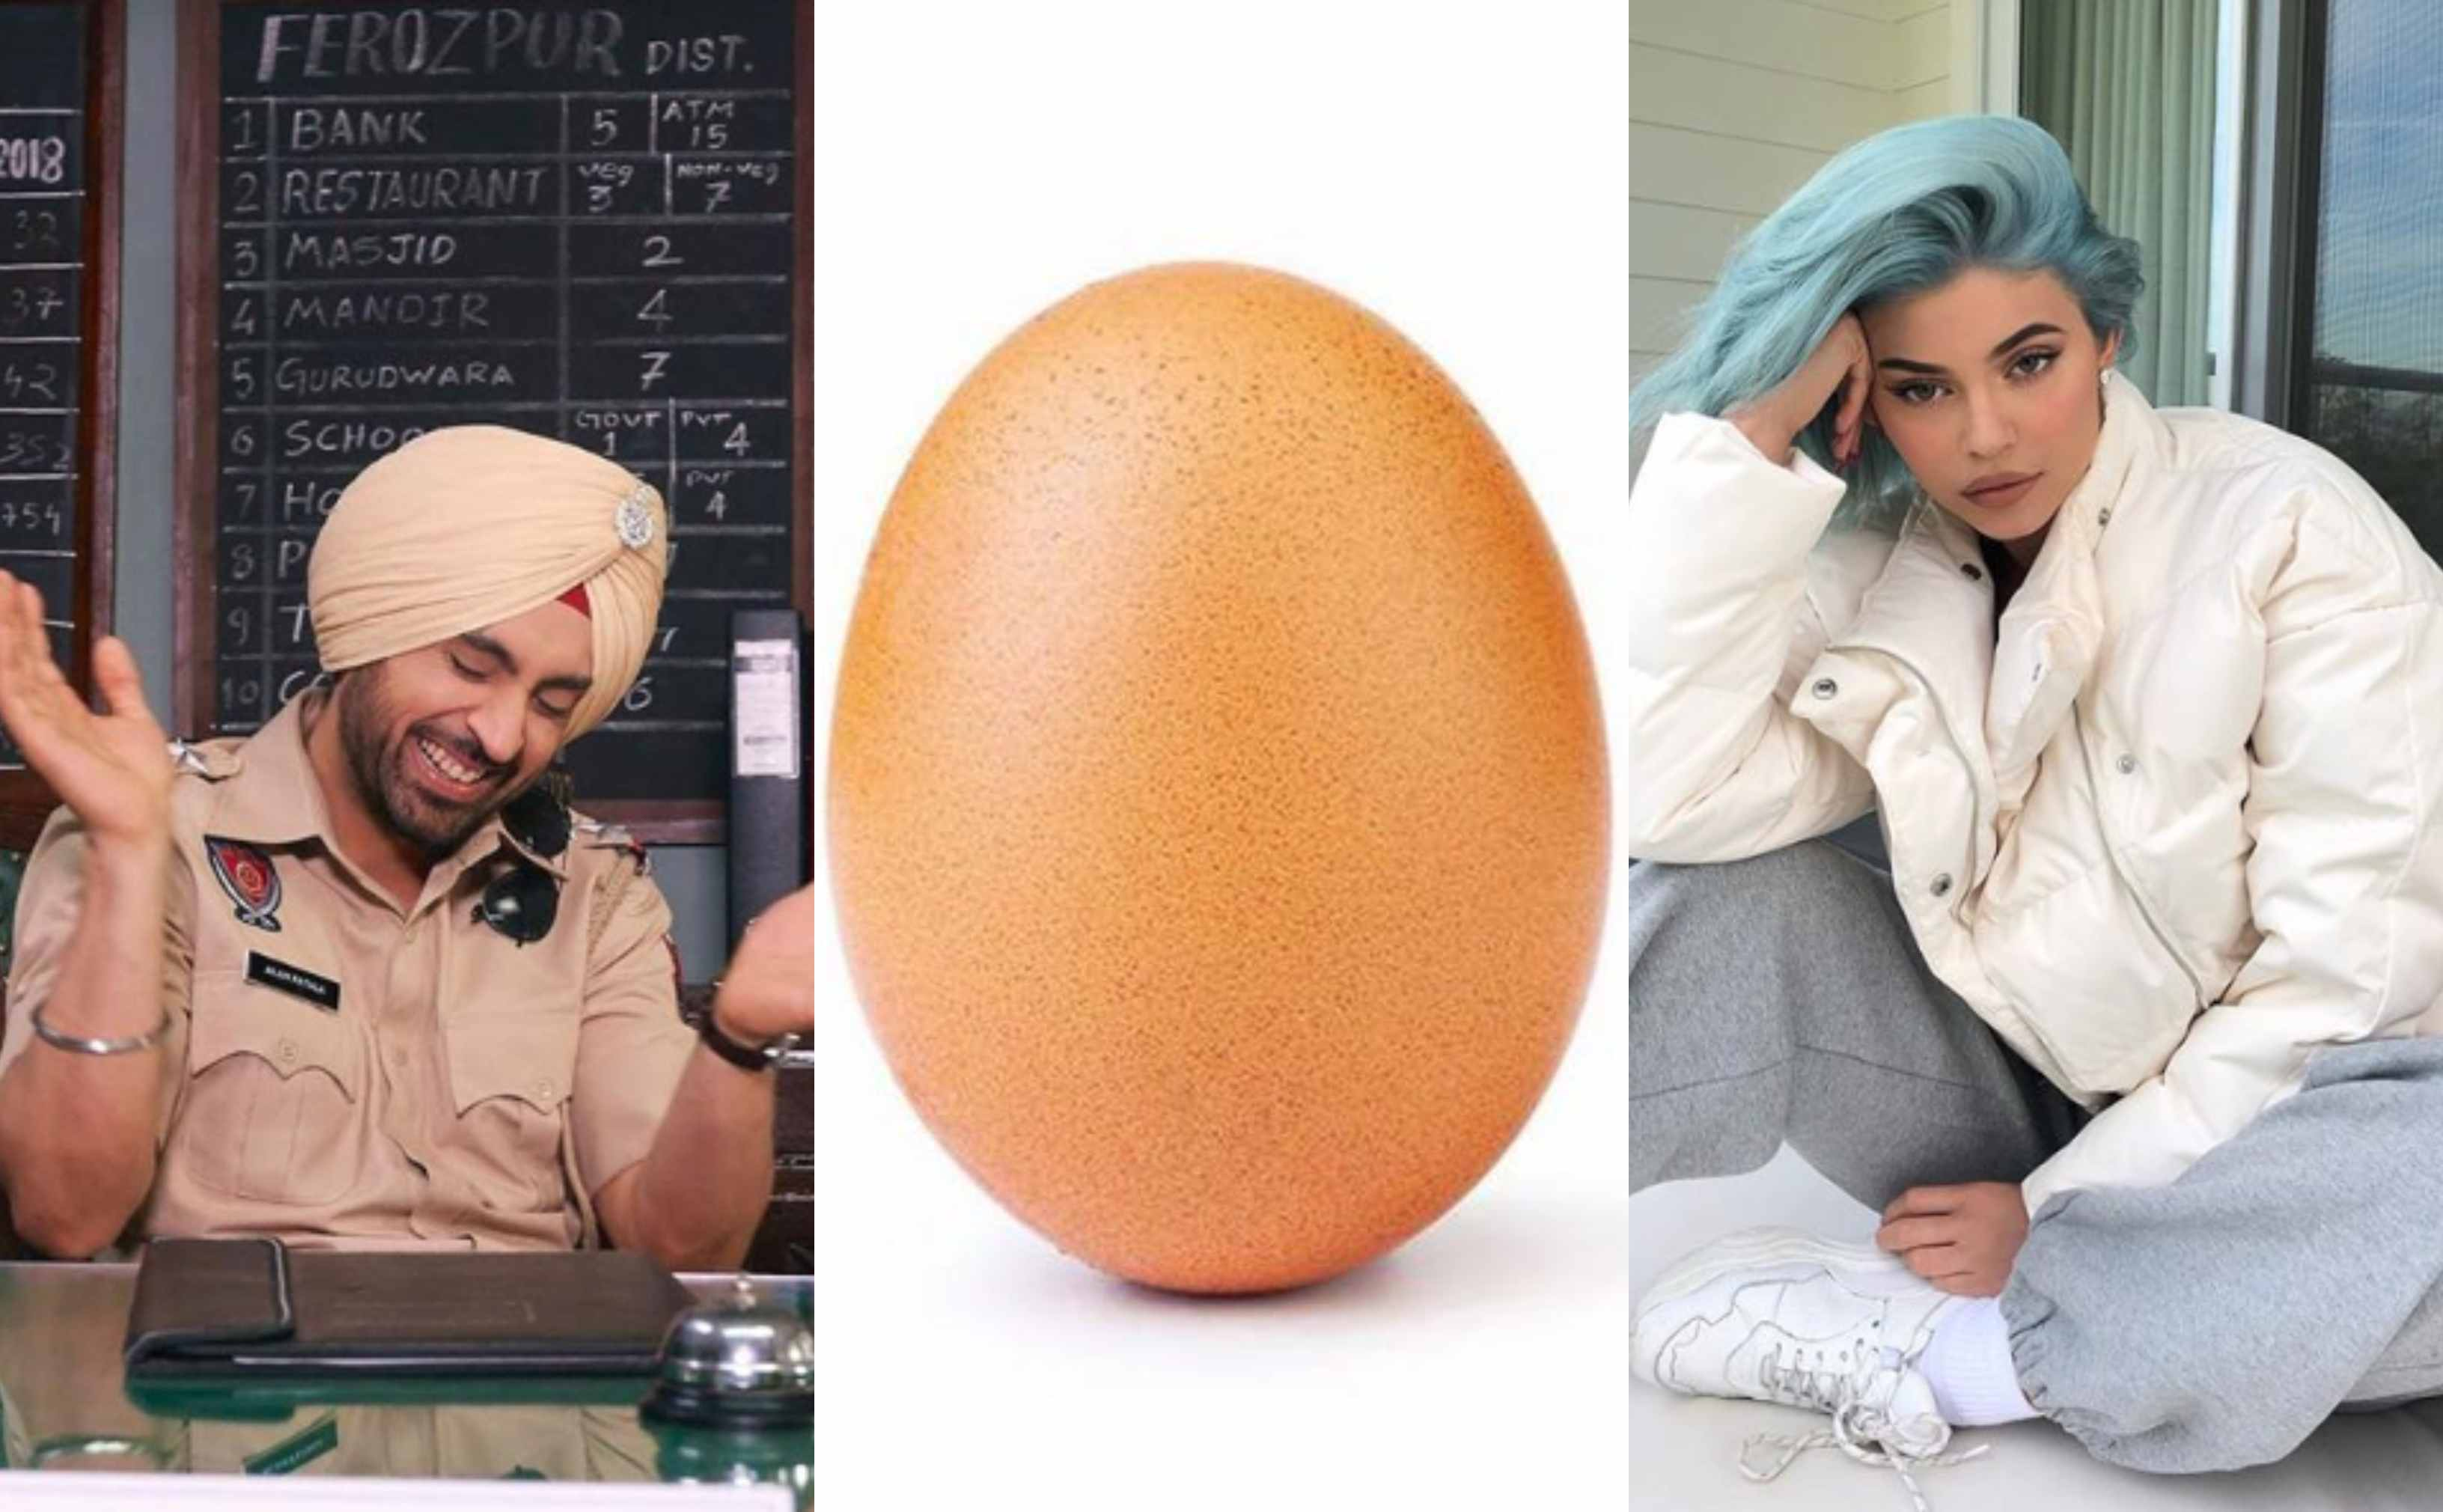 Diljit Dosanjh, took, avenged, Kylie Jenner, egg, dethroned, Model, NewsMobile, Mobile, News, India, Entertainment